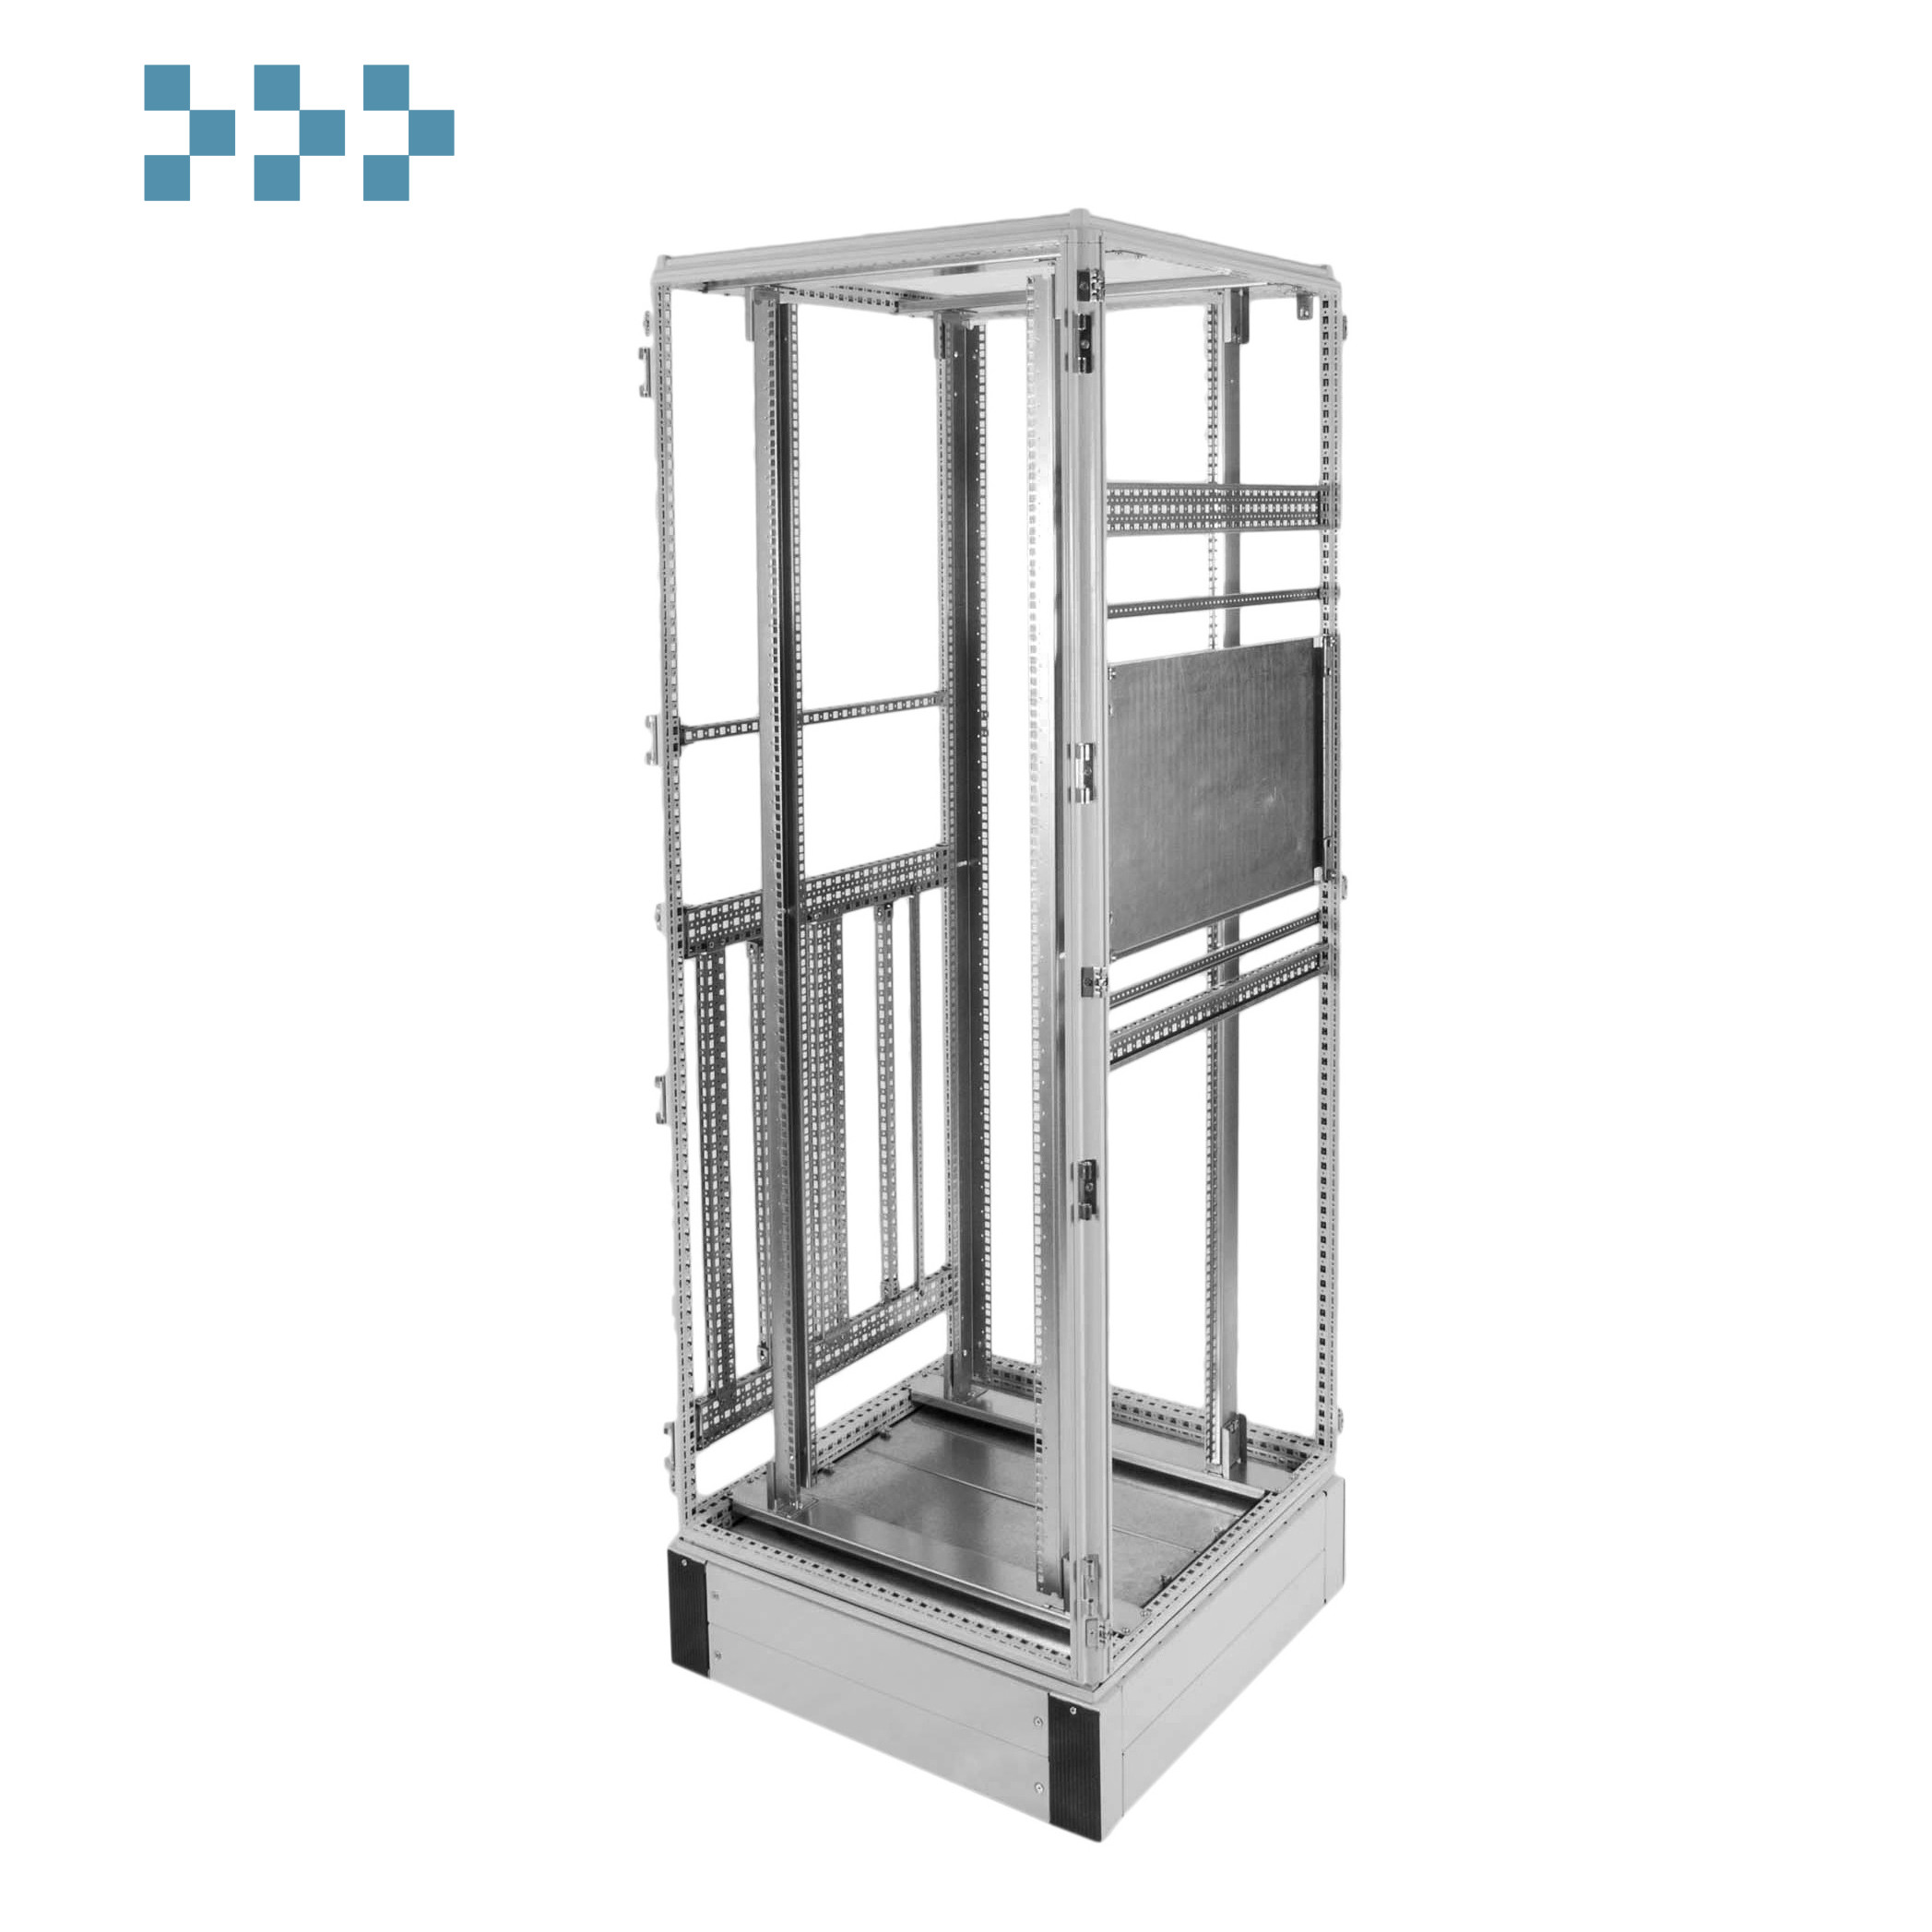 Панель монтажная перфорированная Elbox EMS-SMP-1100.300